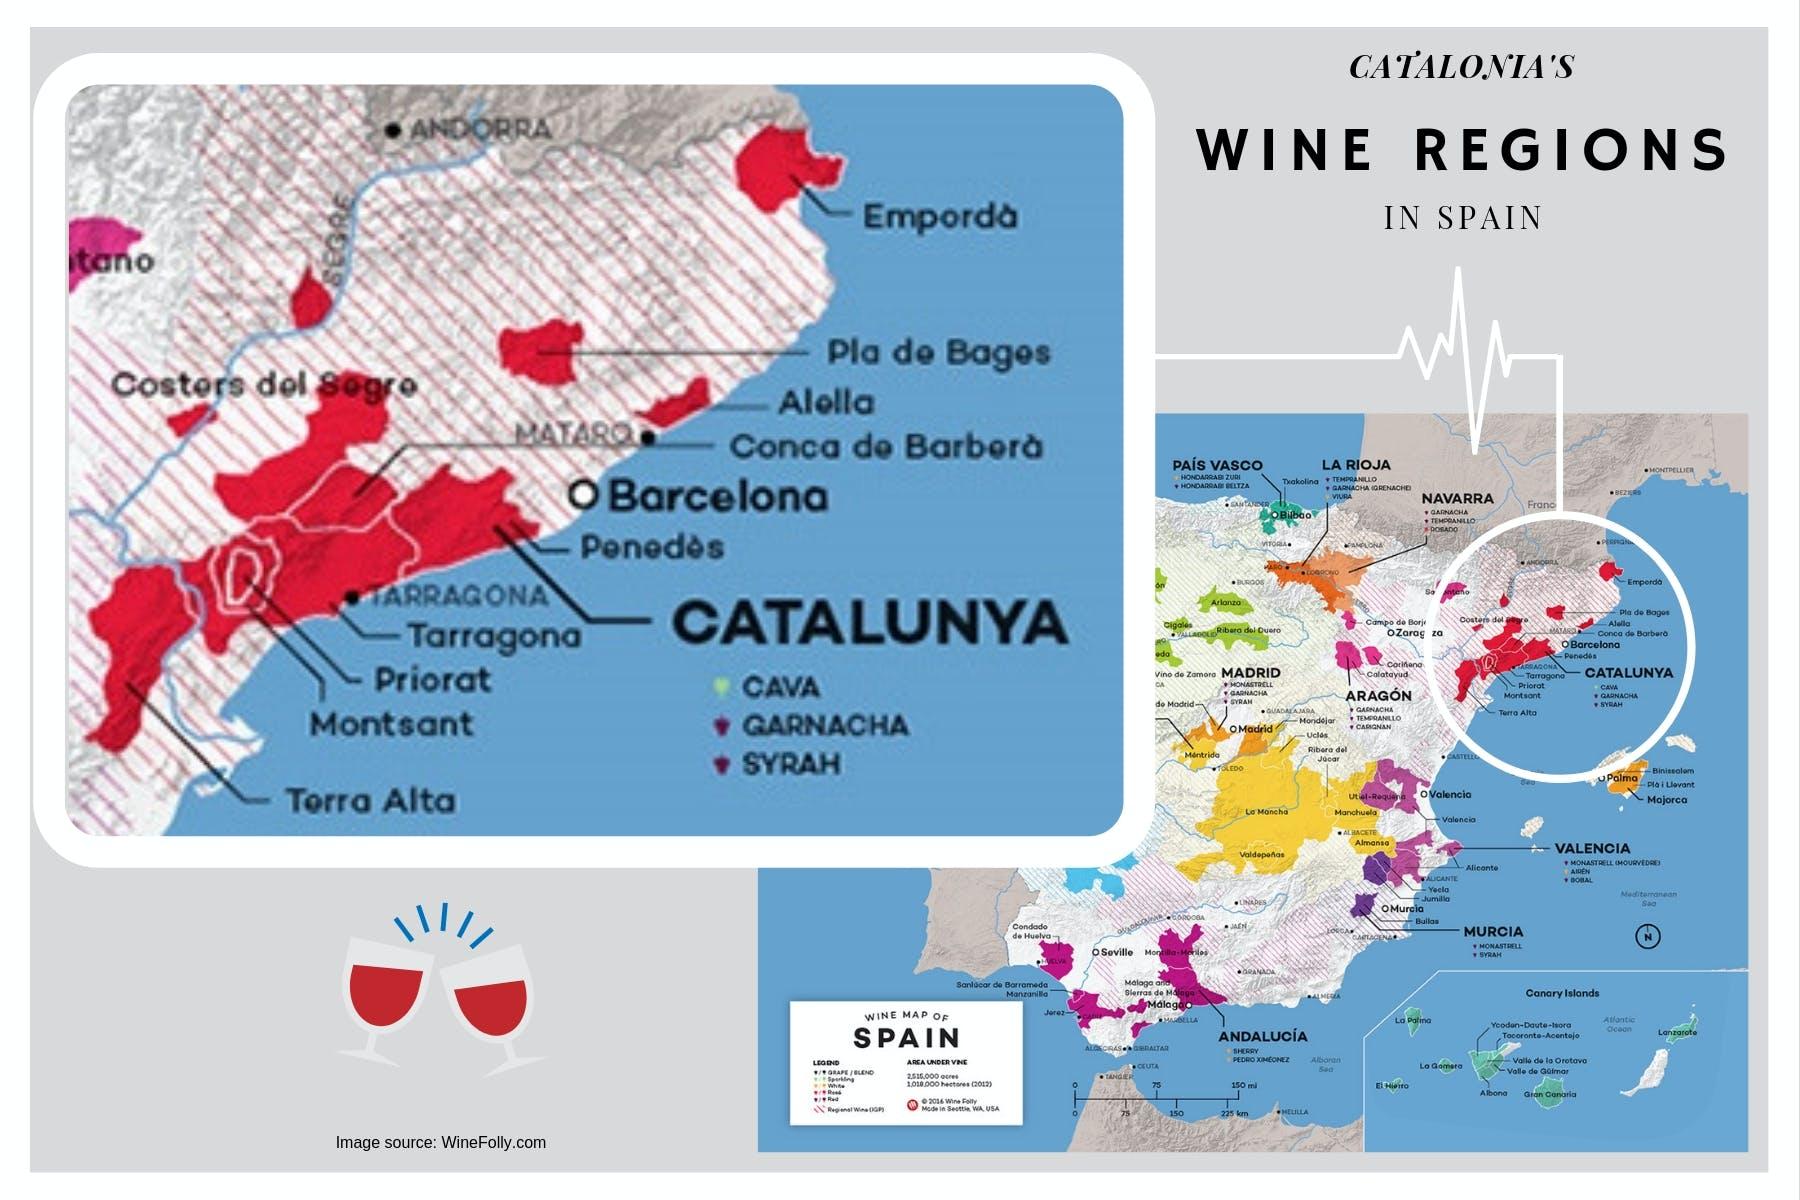 Catalonia wine region in Spain